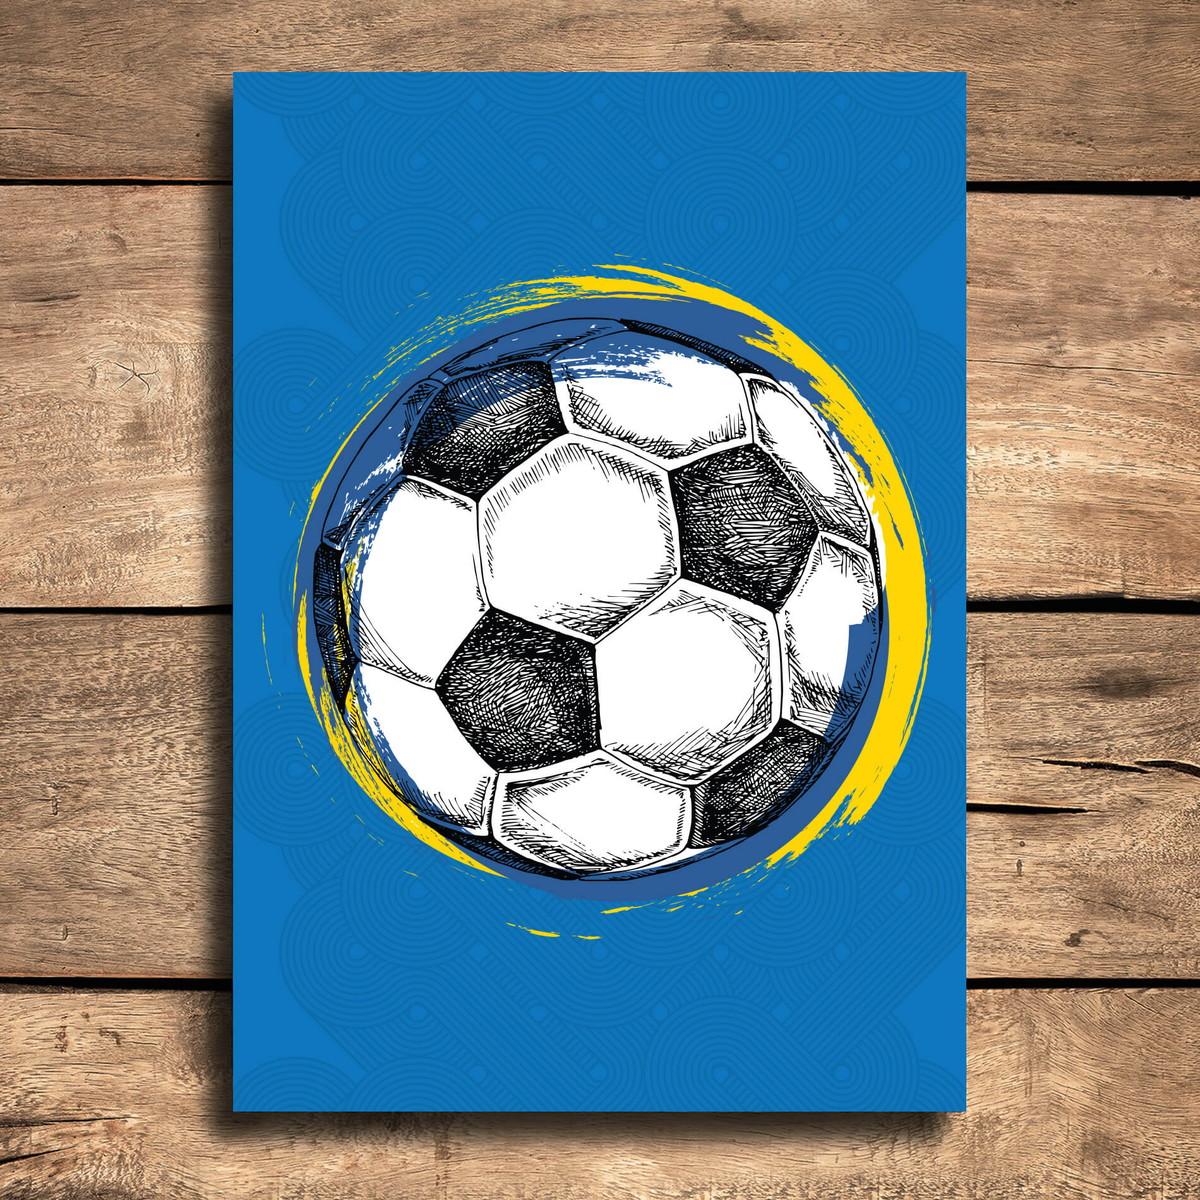 Placa Decorativa MDF Bola de Futebol Fundo Azul 20x30cm no Elo7 ... b407490b506f5